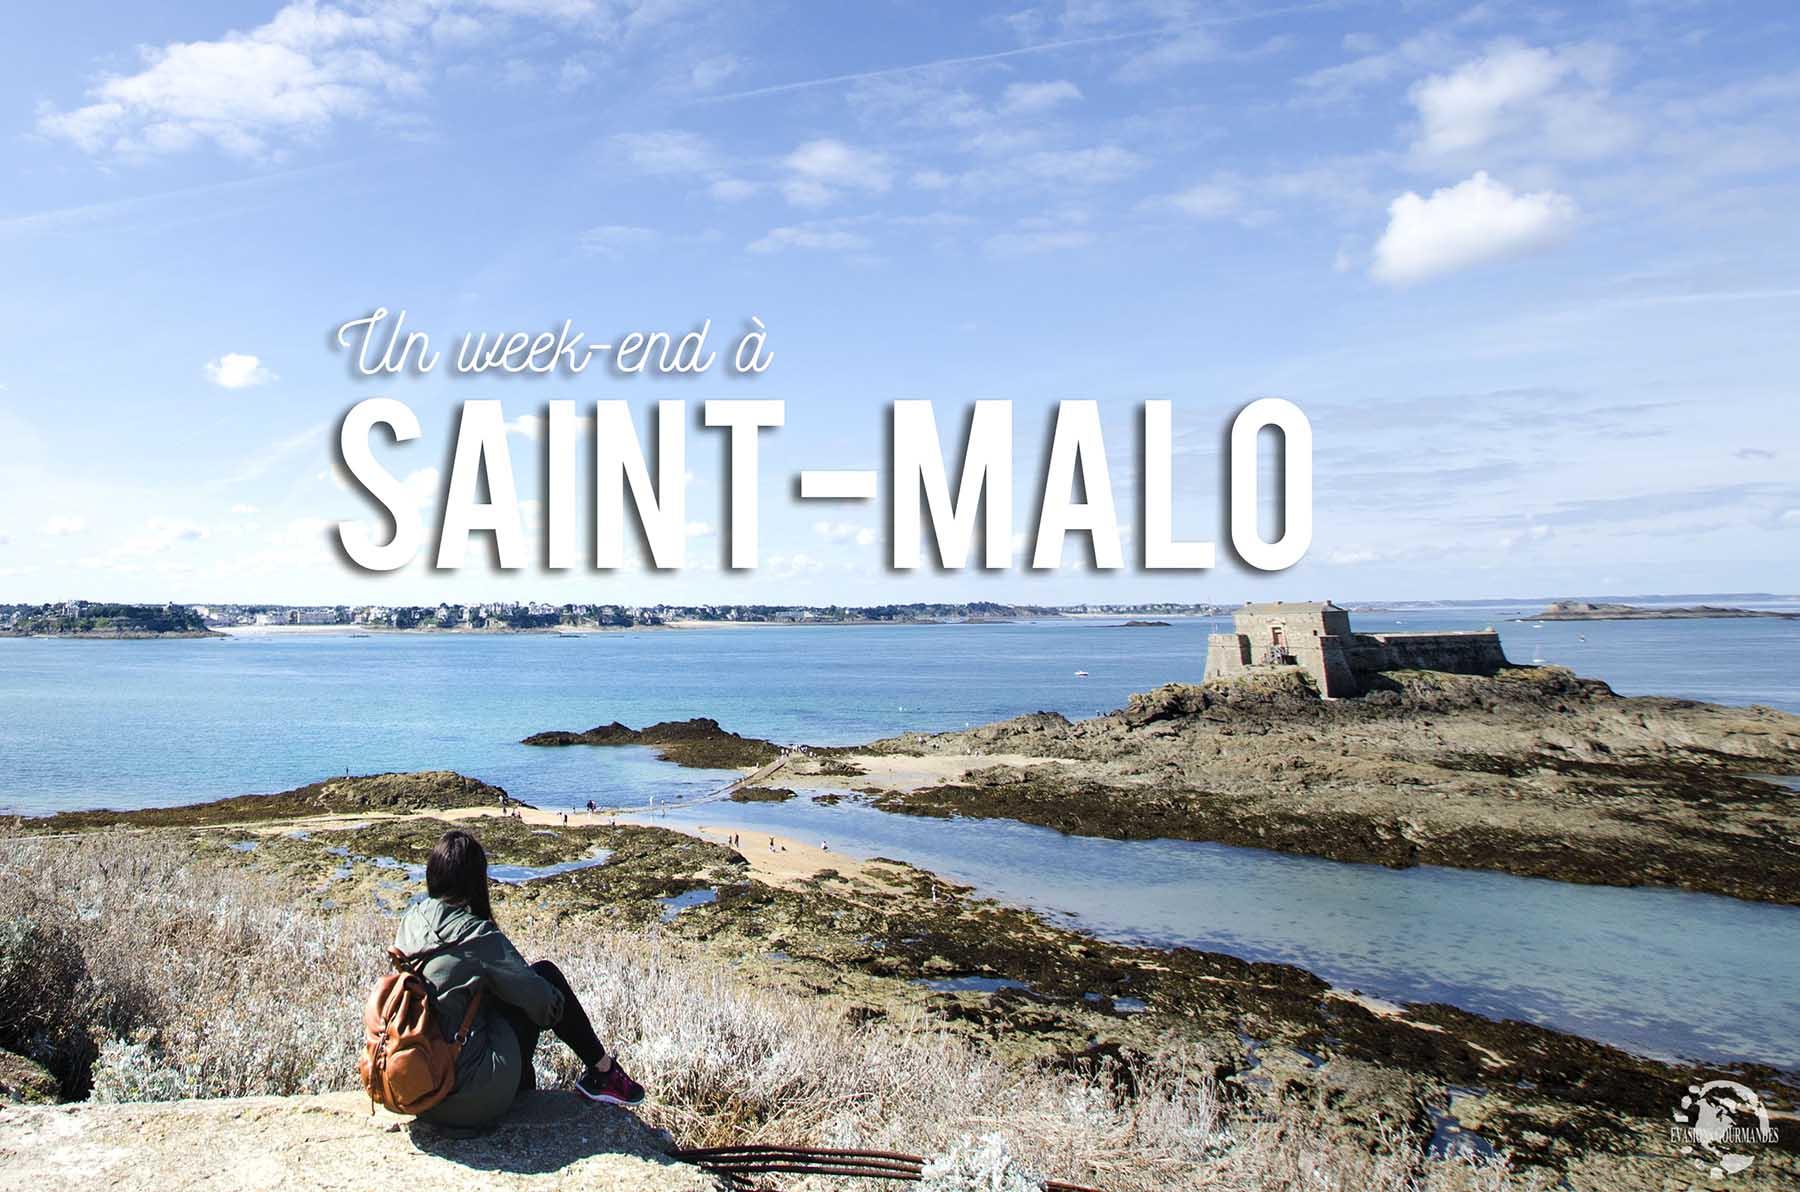 Week end à Saint-Malo